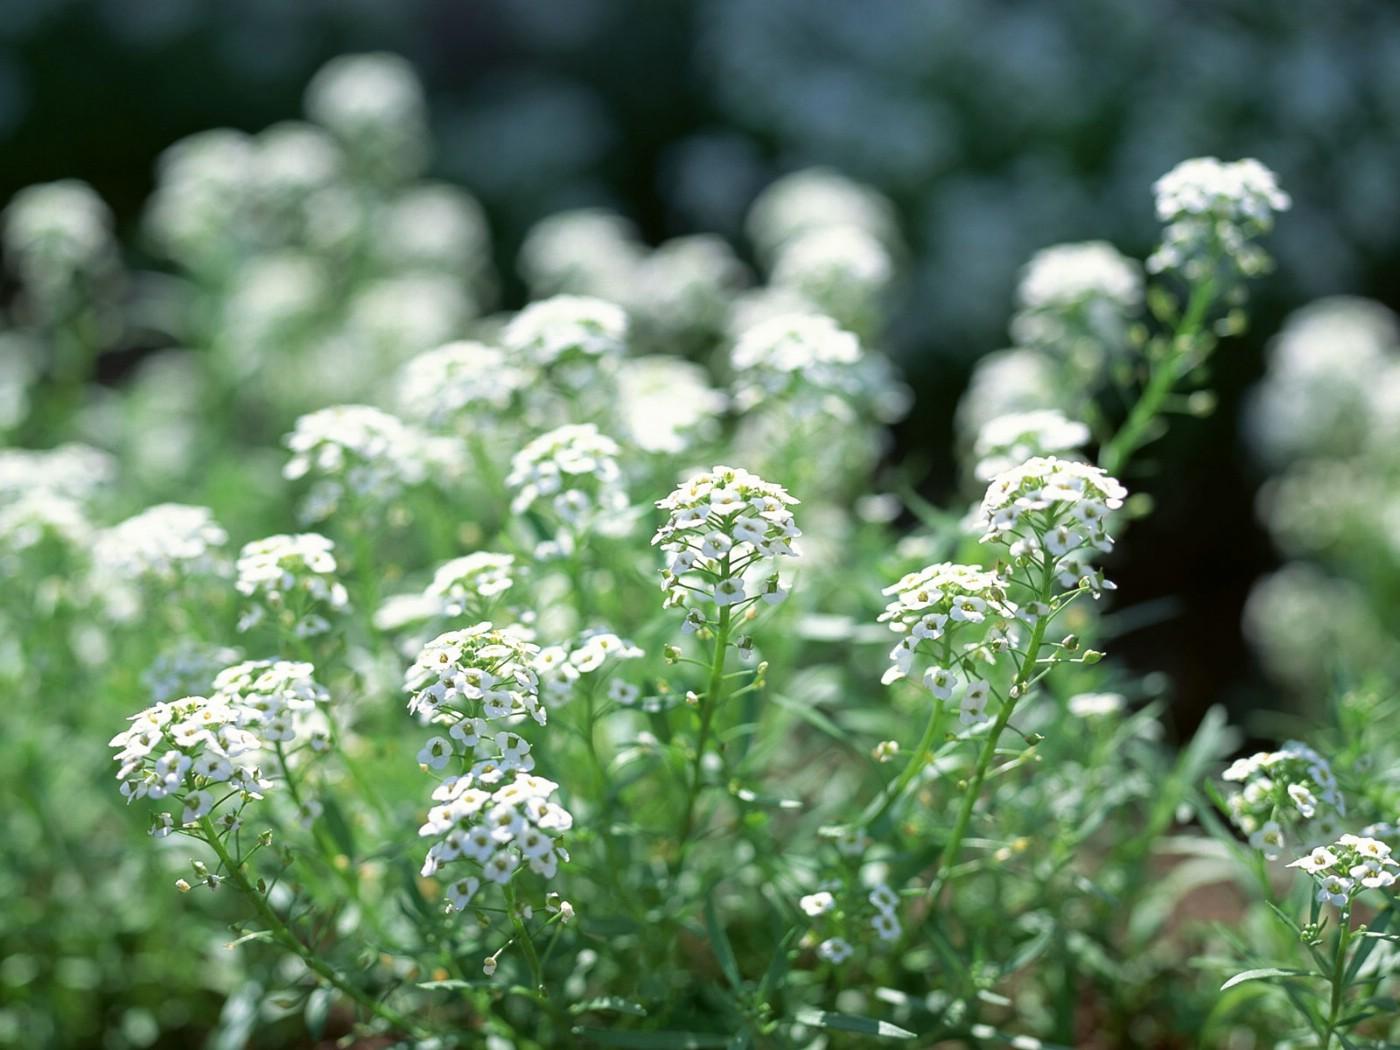 壁纸1400×1050白色花朵 4 19壁纸 白色花朵壁纸图片花卉壁纸花卉图片素材桌面壁纸